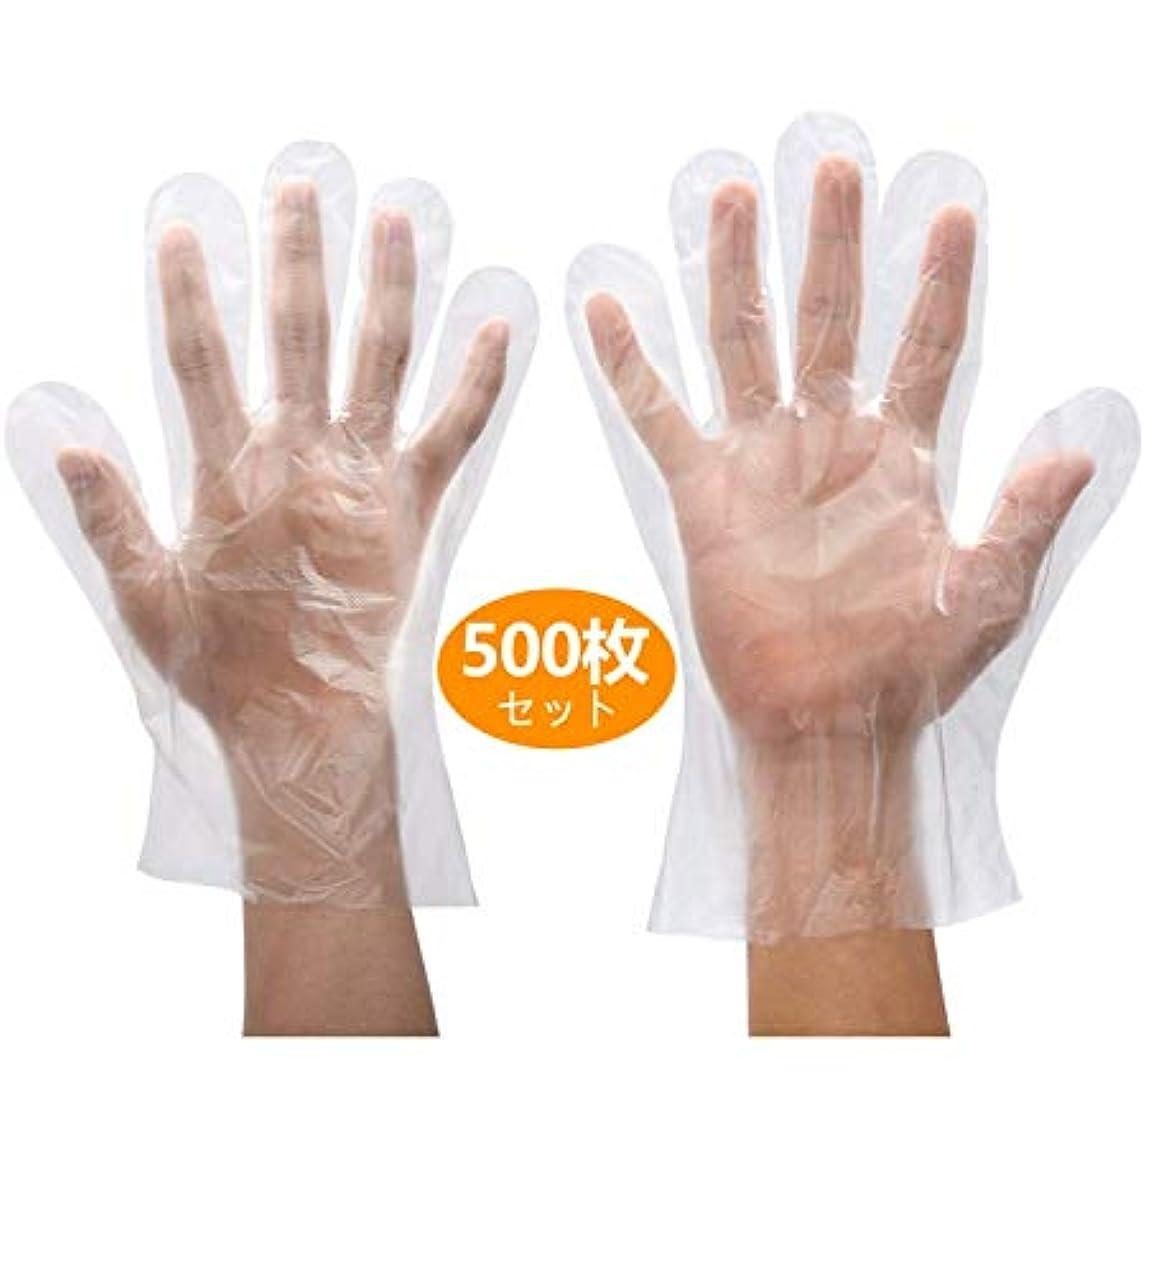 スナックアパルオーガニック使い捨て手袋 500枚セット ポリエチレン手袋 極薄ビニール手袋 透明 実用 使いきり手袋 極薄手袋 disposable gloves 極うす手 食品衛生法適合